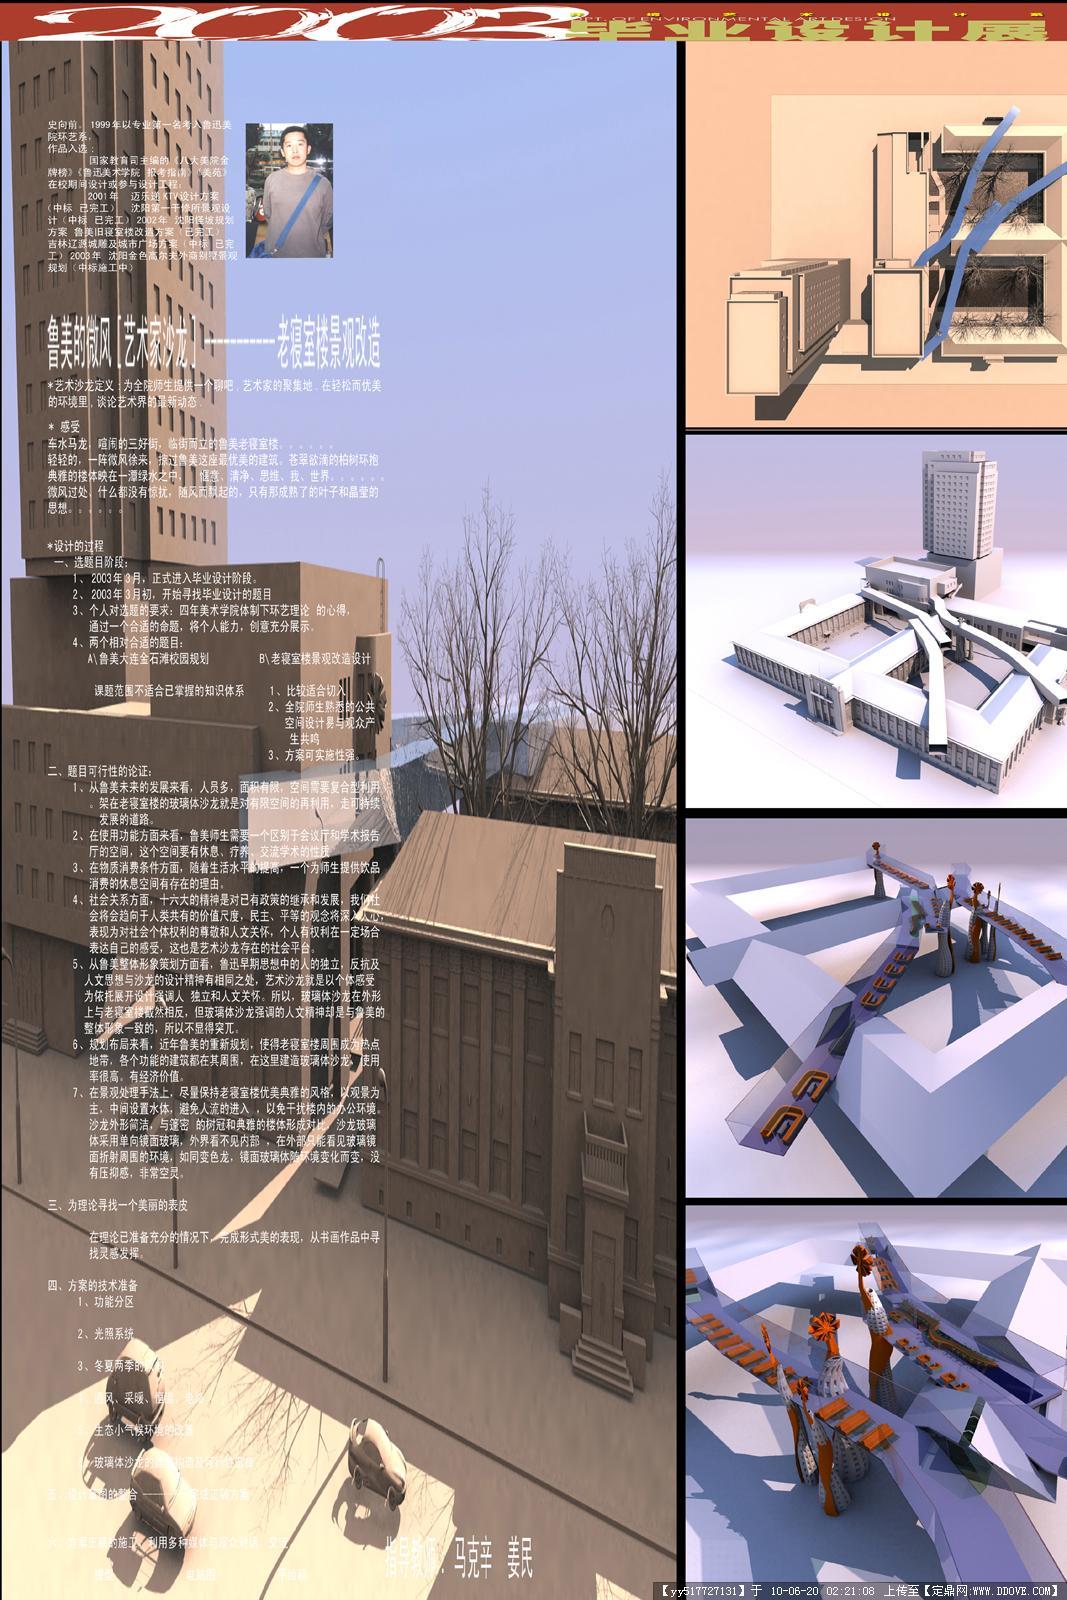 高校建设设计方案-毕业设计展板10张-大图